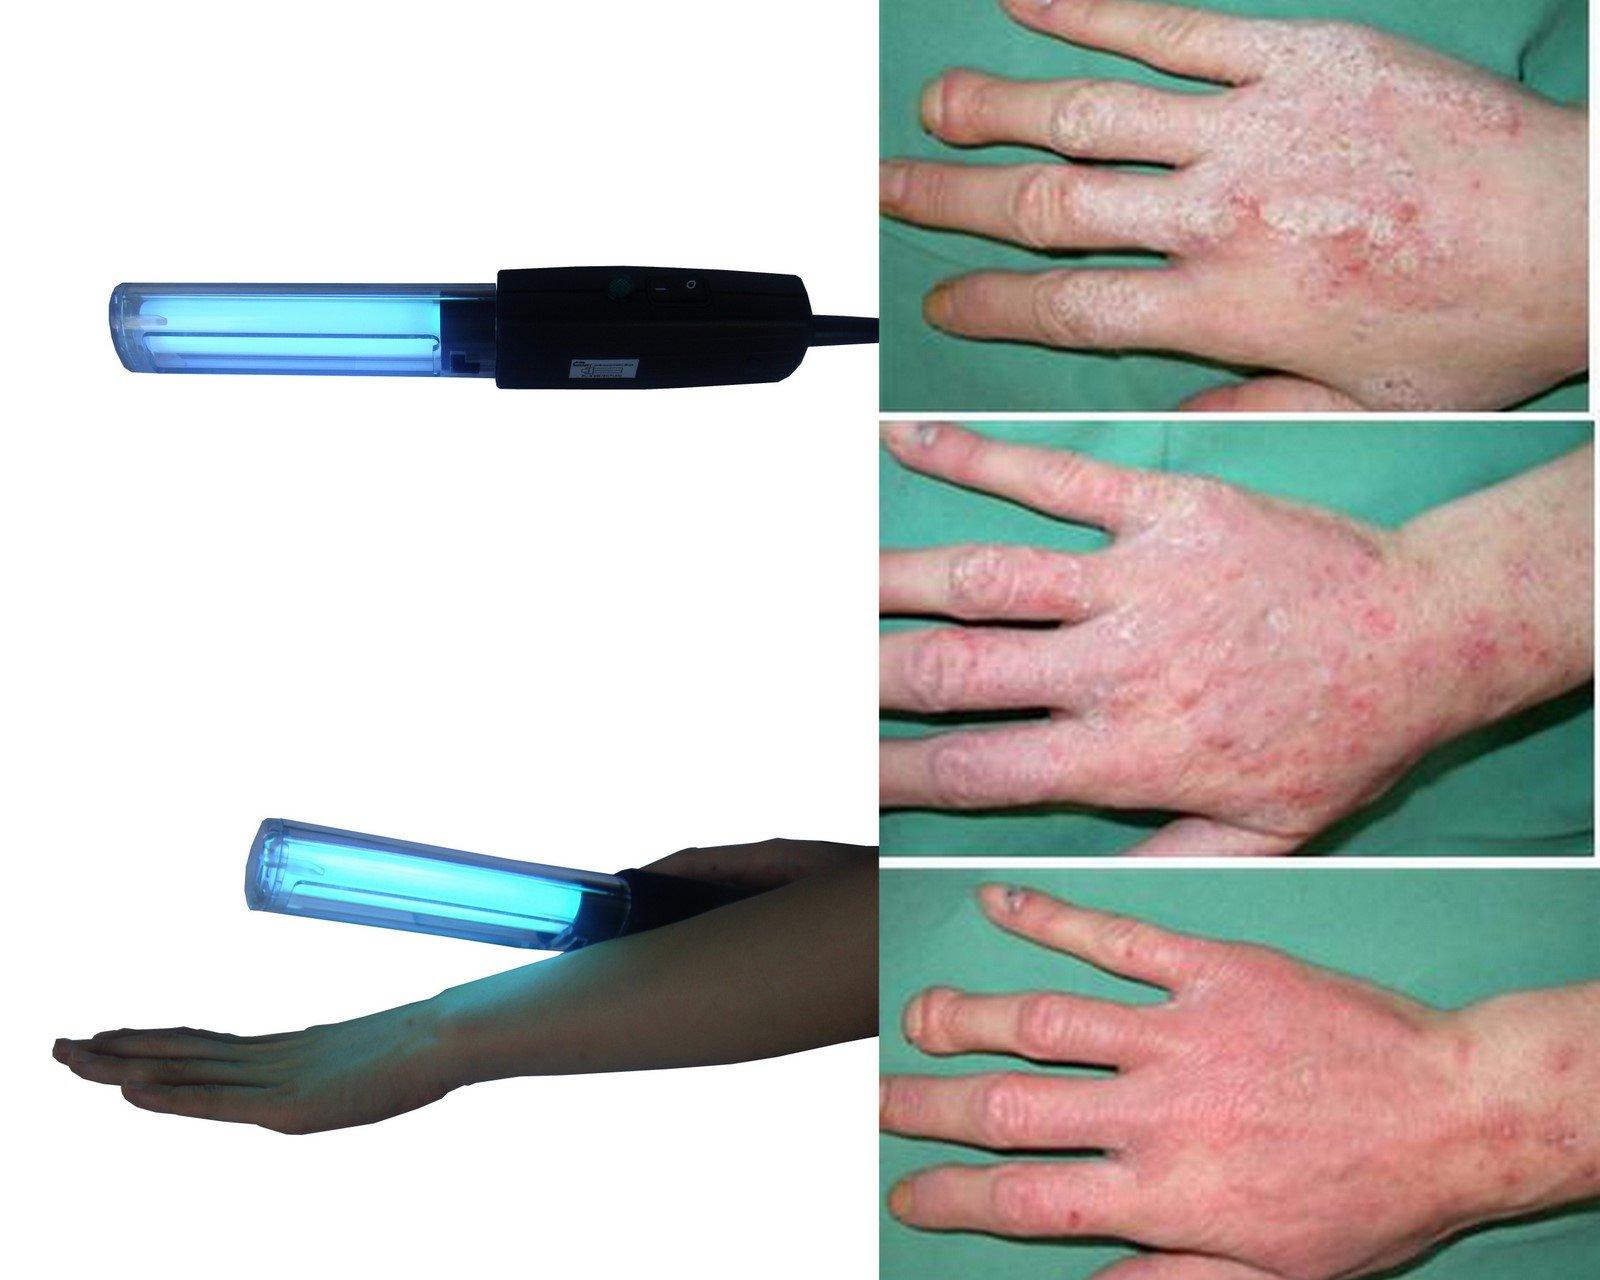 Vitiligo Uv 311nm Philip Lamp Psoriasis Vitiligo Eczema Atopic